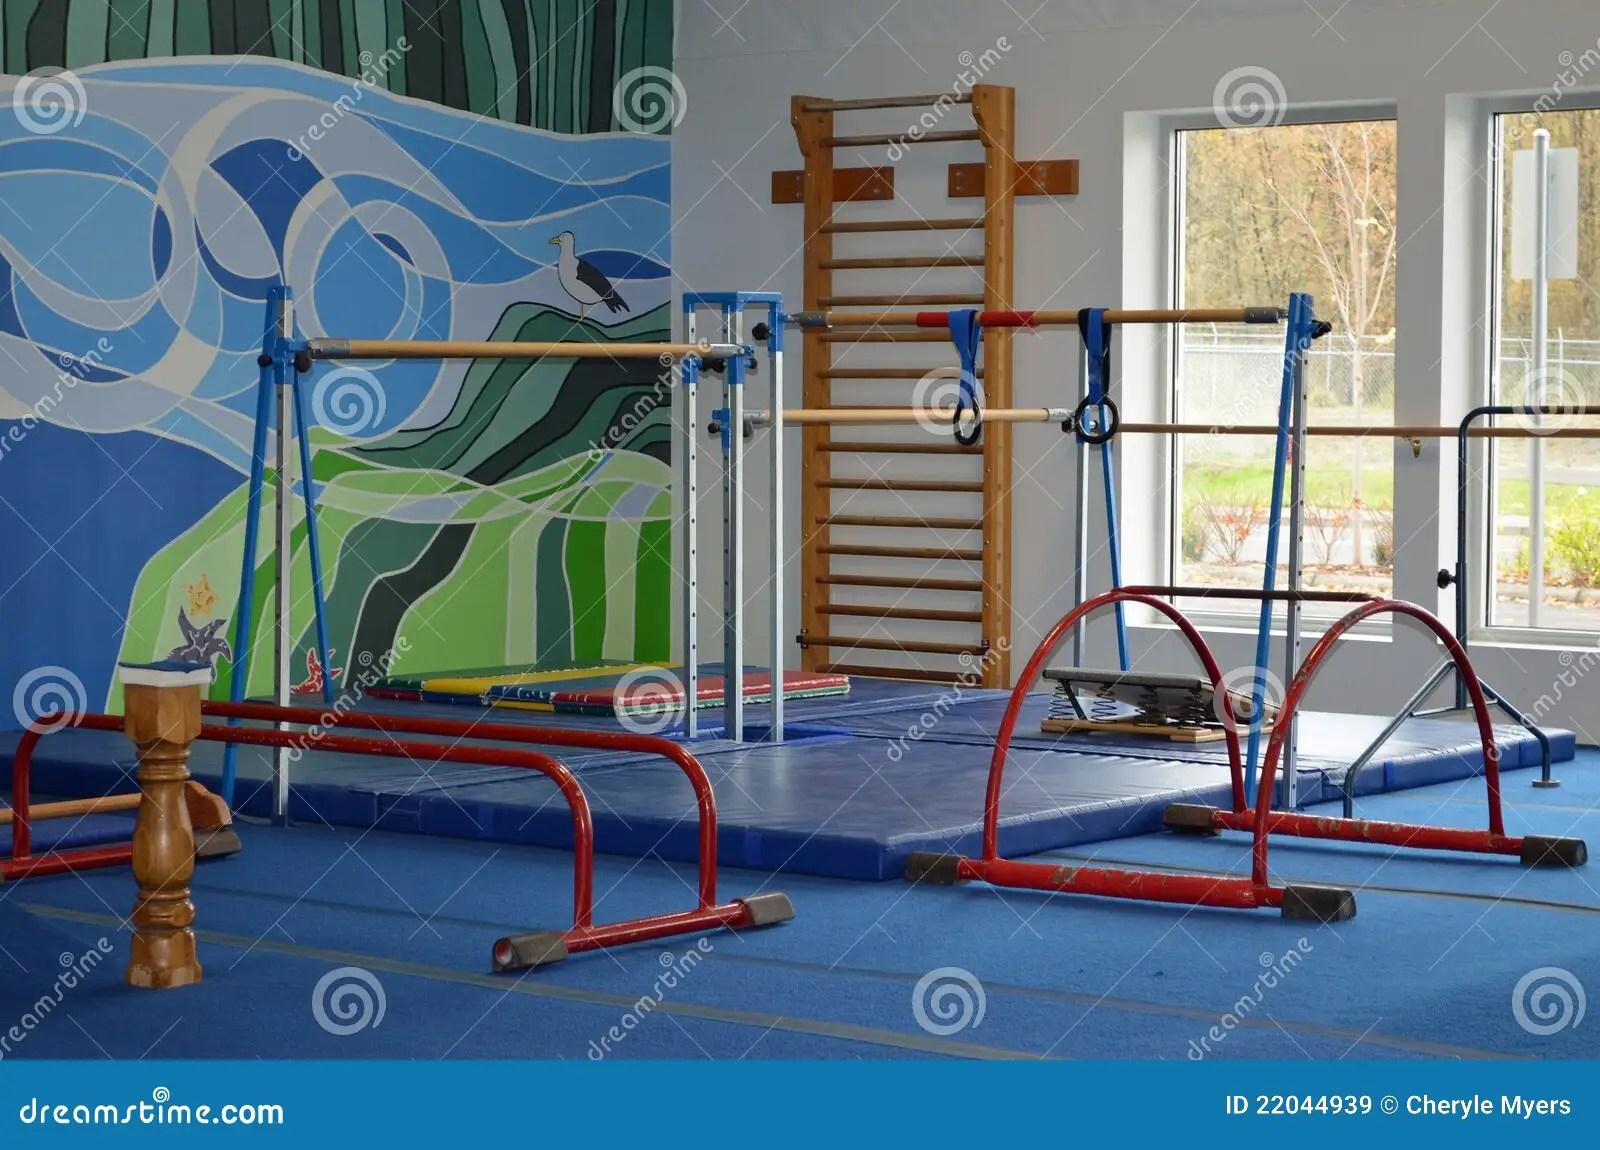 Gymnastics Equipment For Home